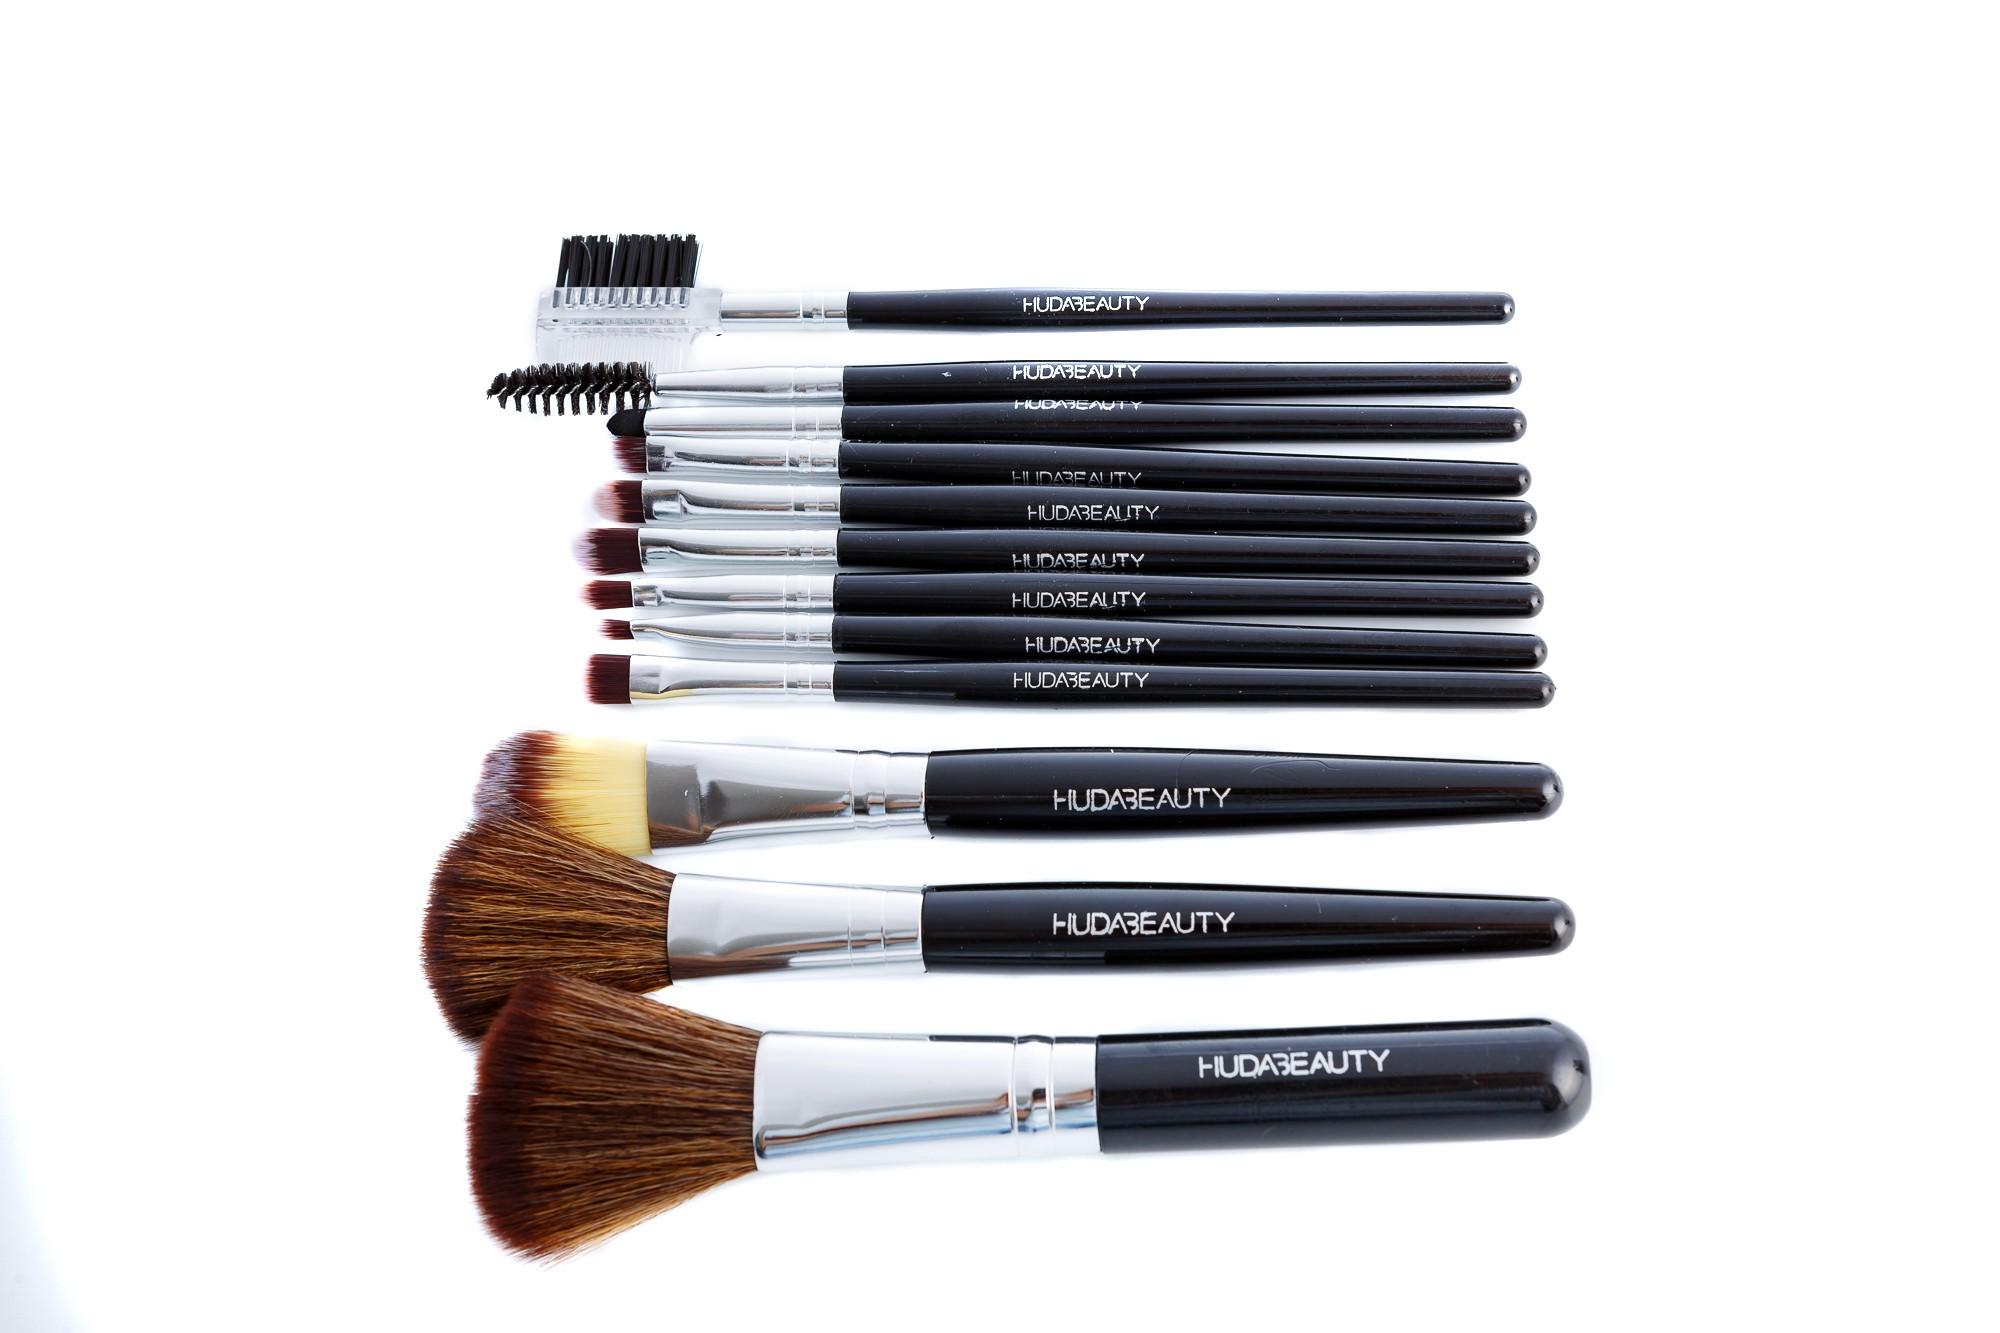 Набор кистей для макияжа (12 штук), фото 5